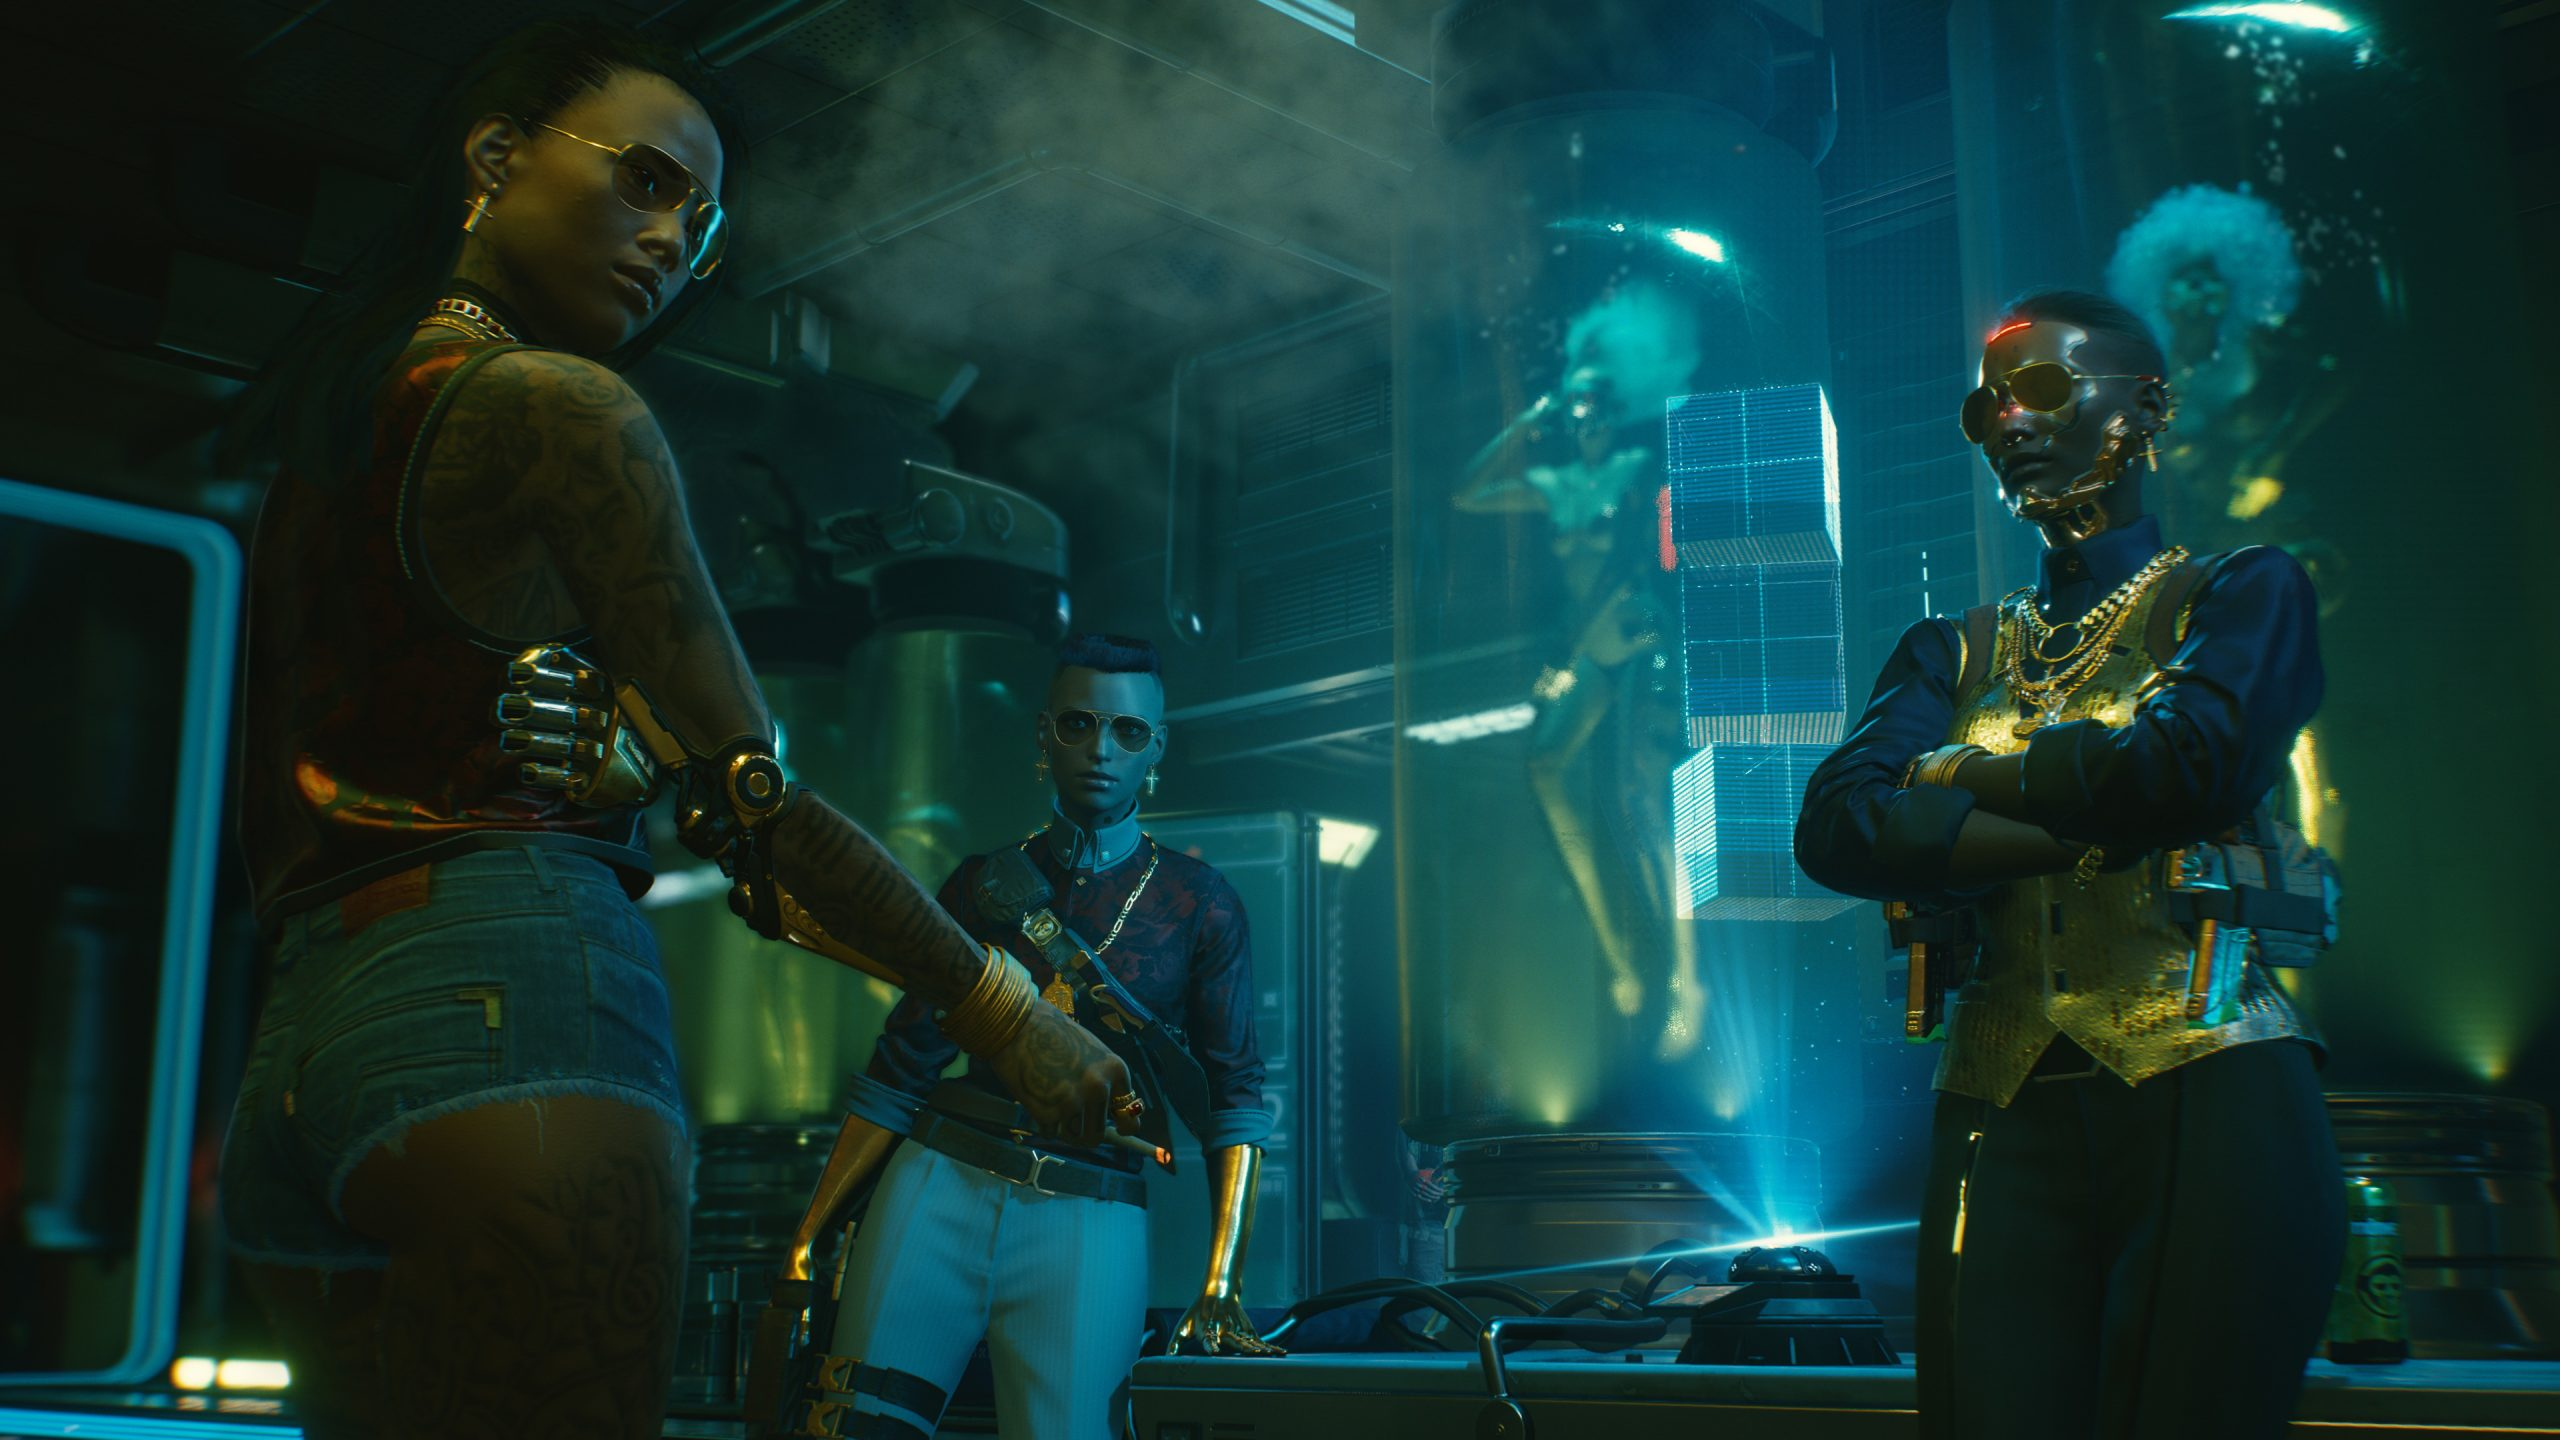 В Cyberpunk 2077 можно услышать Ивлееву, Поперечного и Гудкова